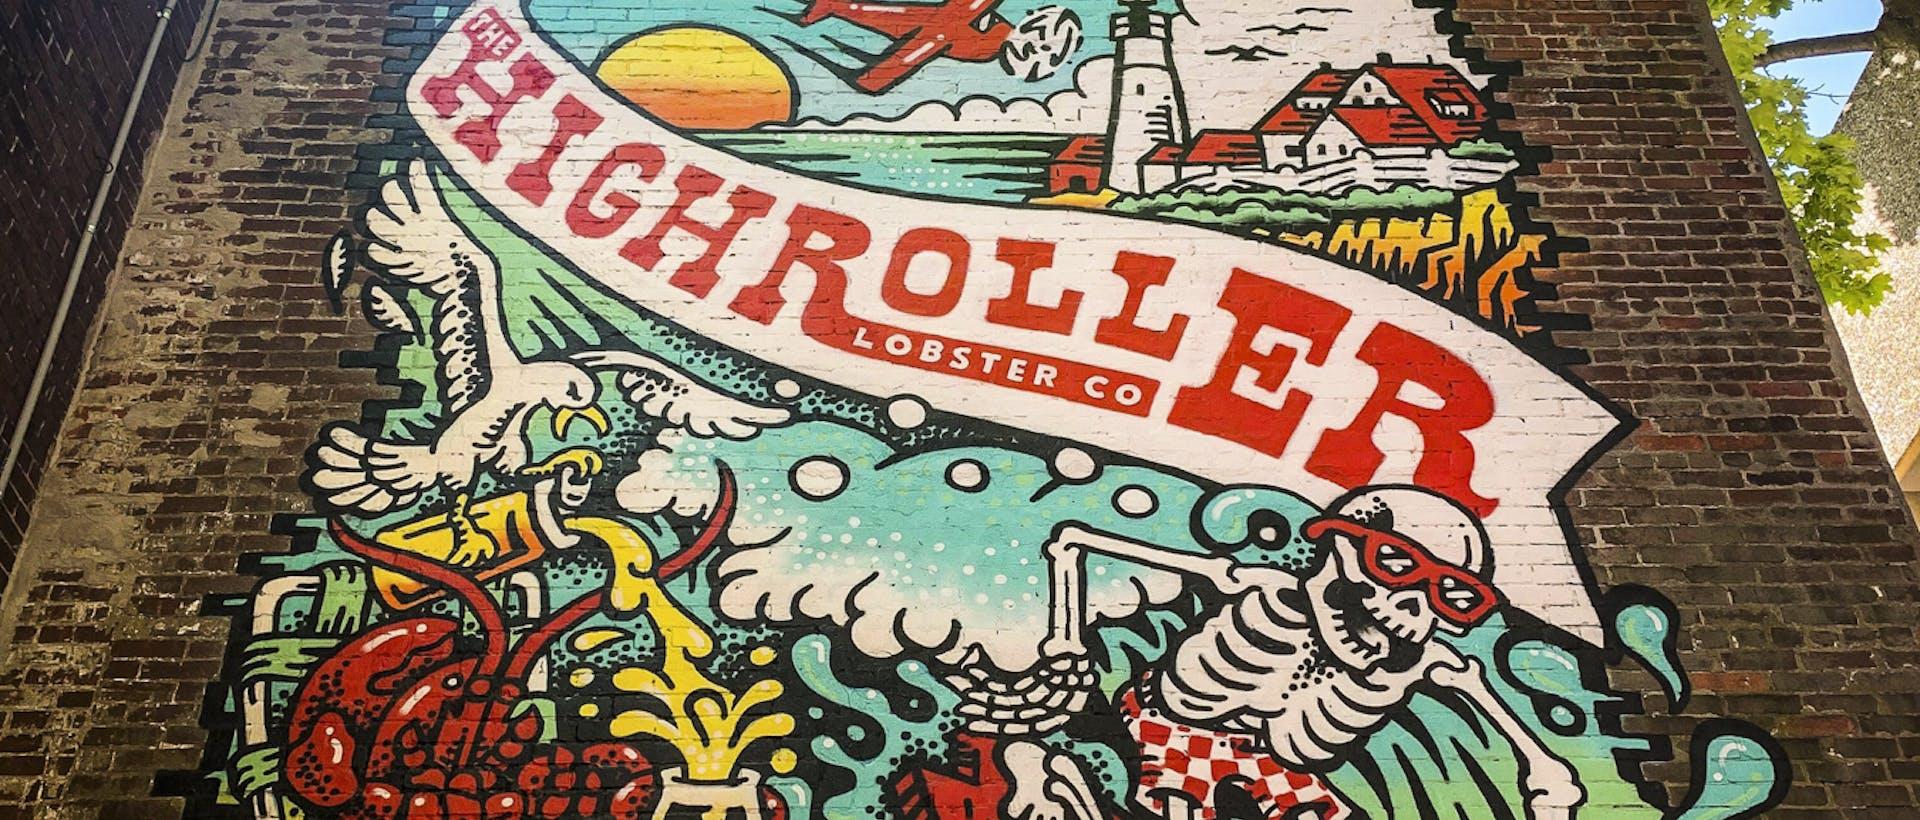 High-Roller-mural (1 of 1)